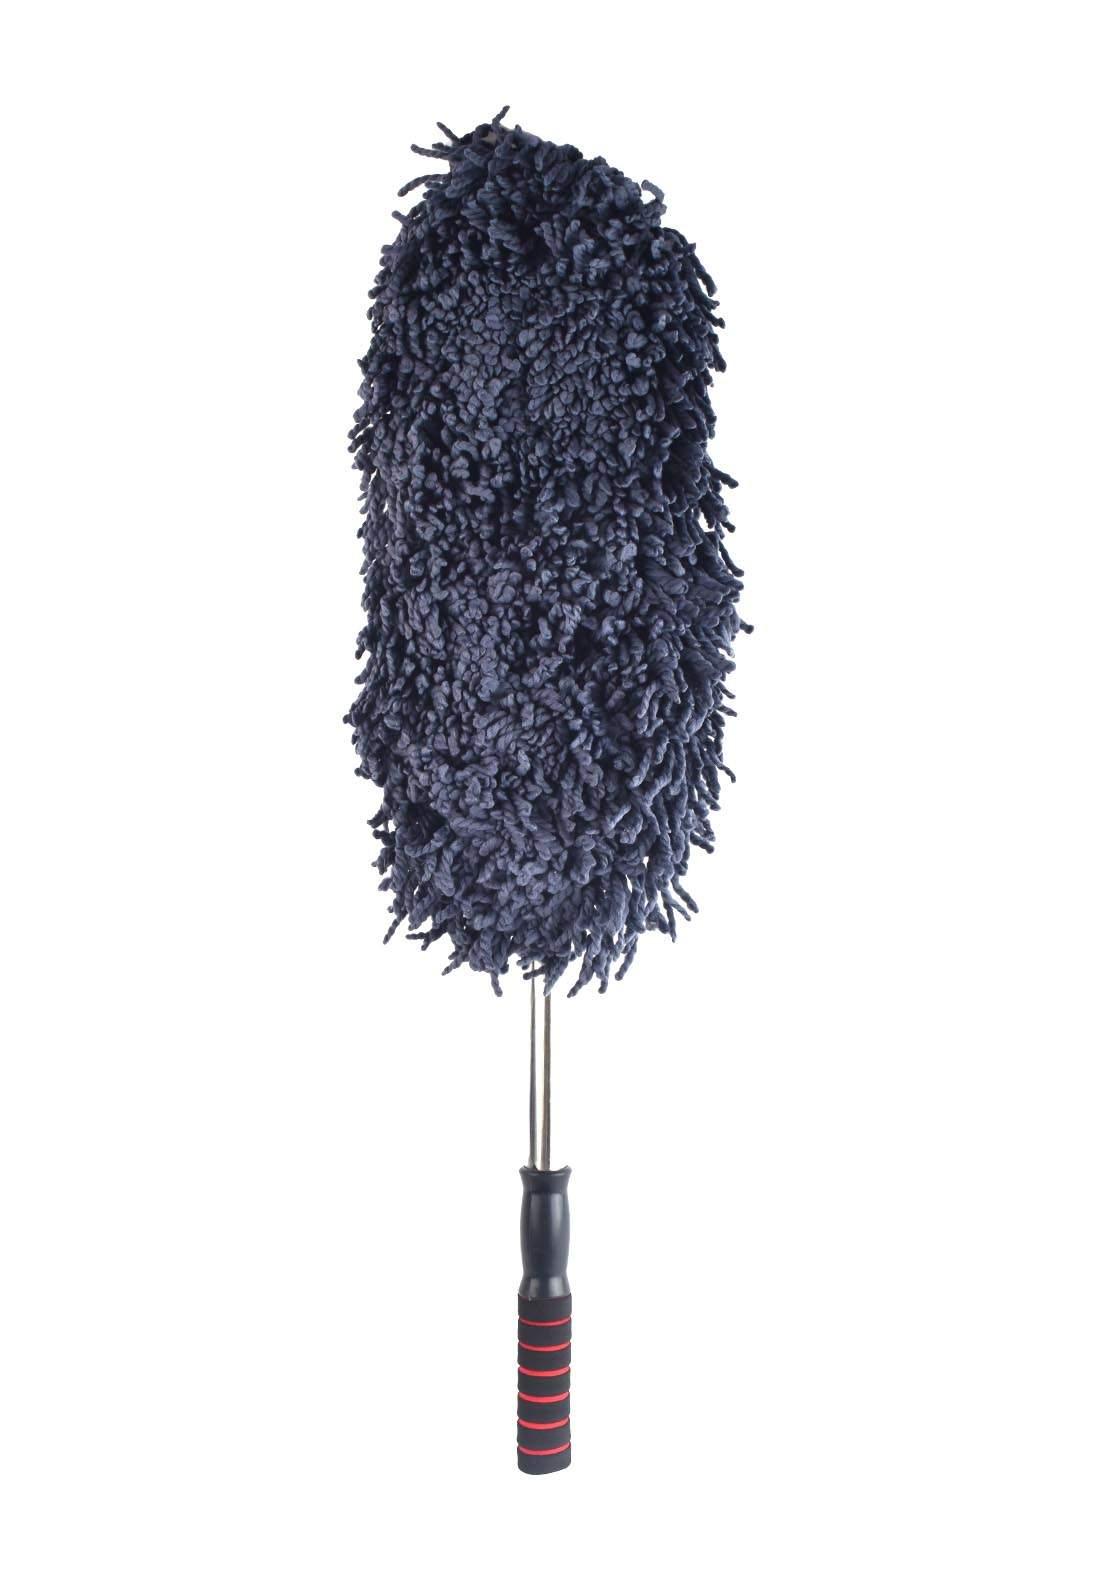 Dust Catcher For Cars  ممسحة لغسيل السيارات